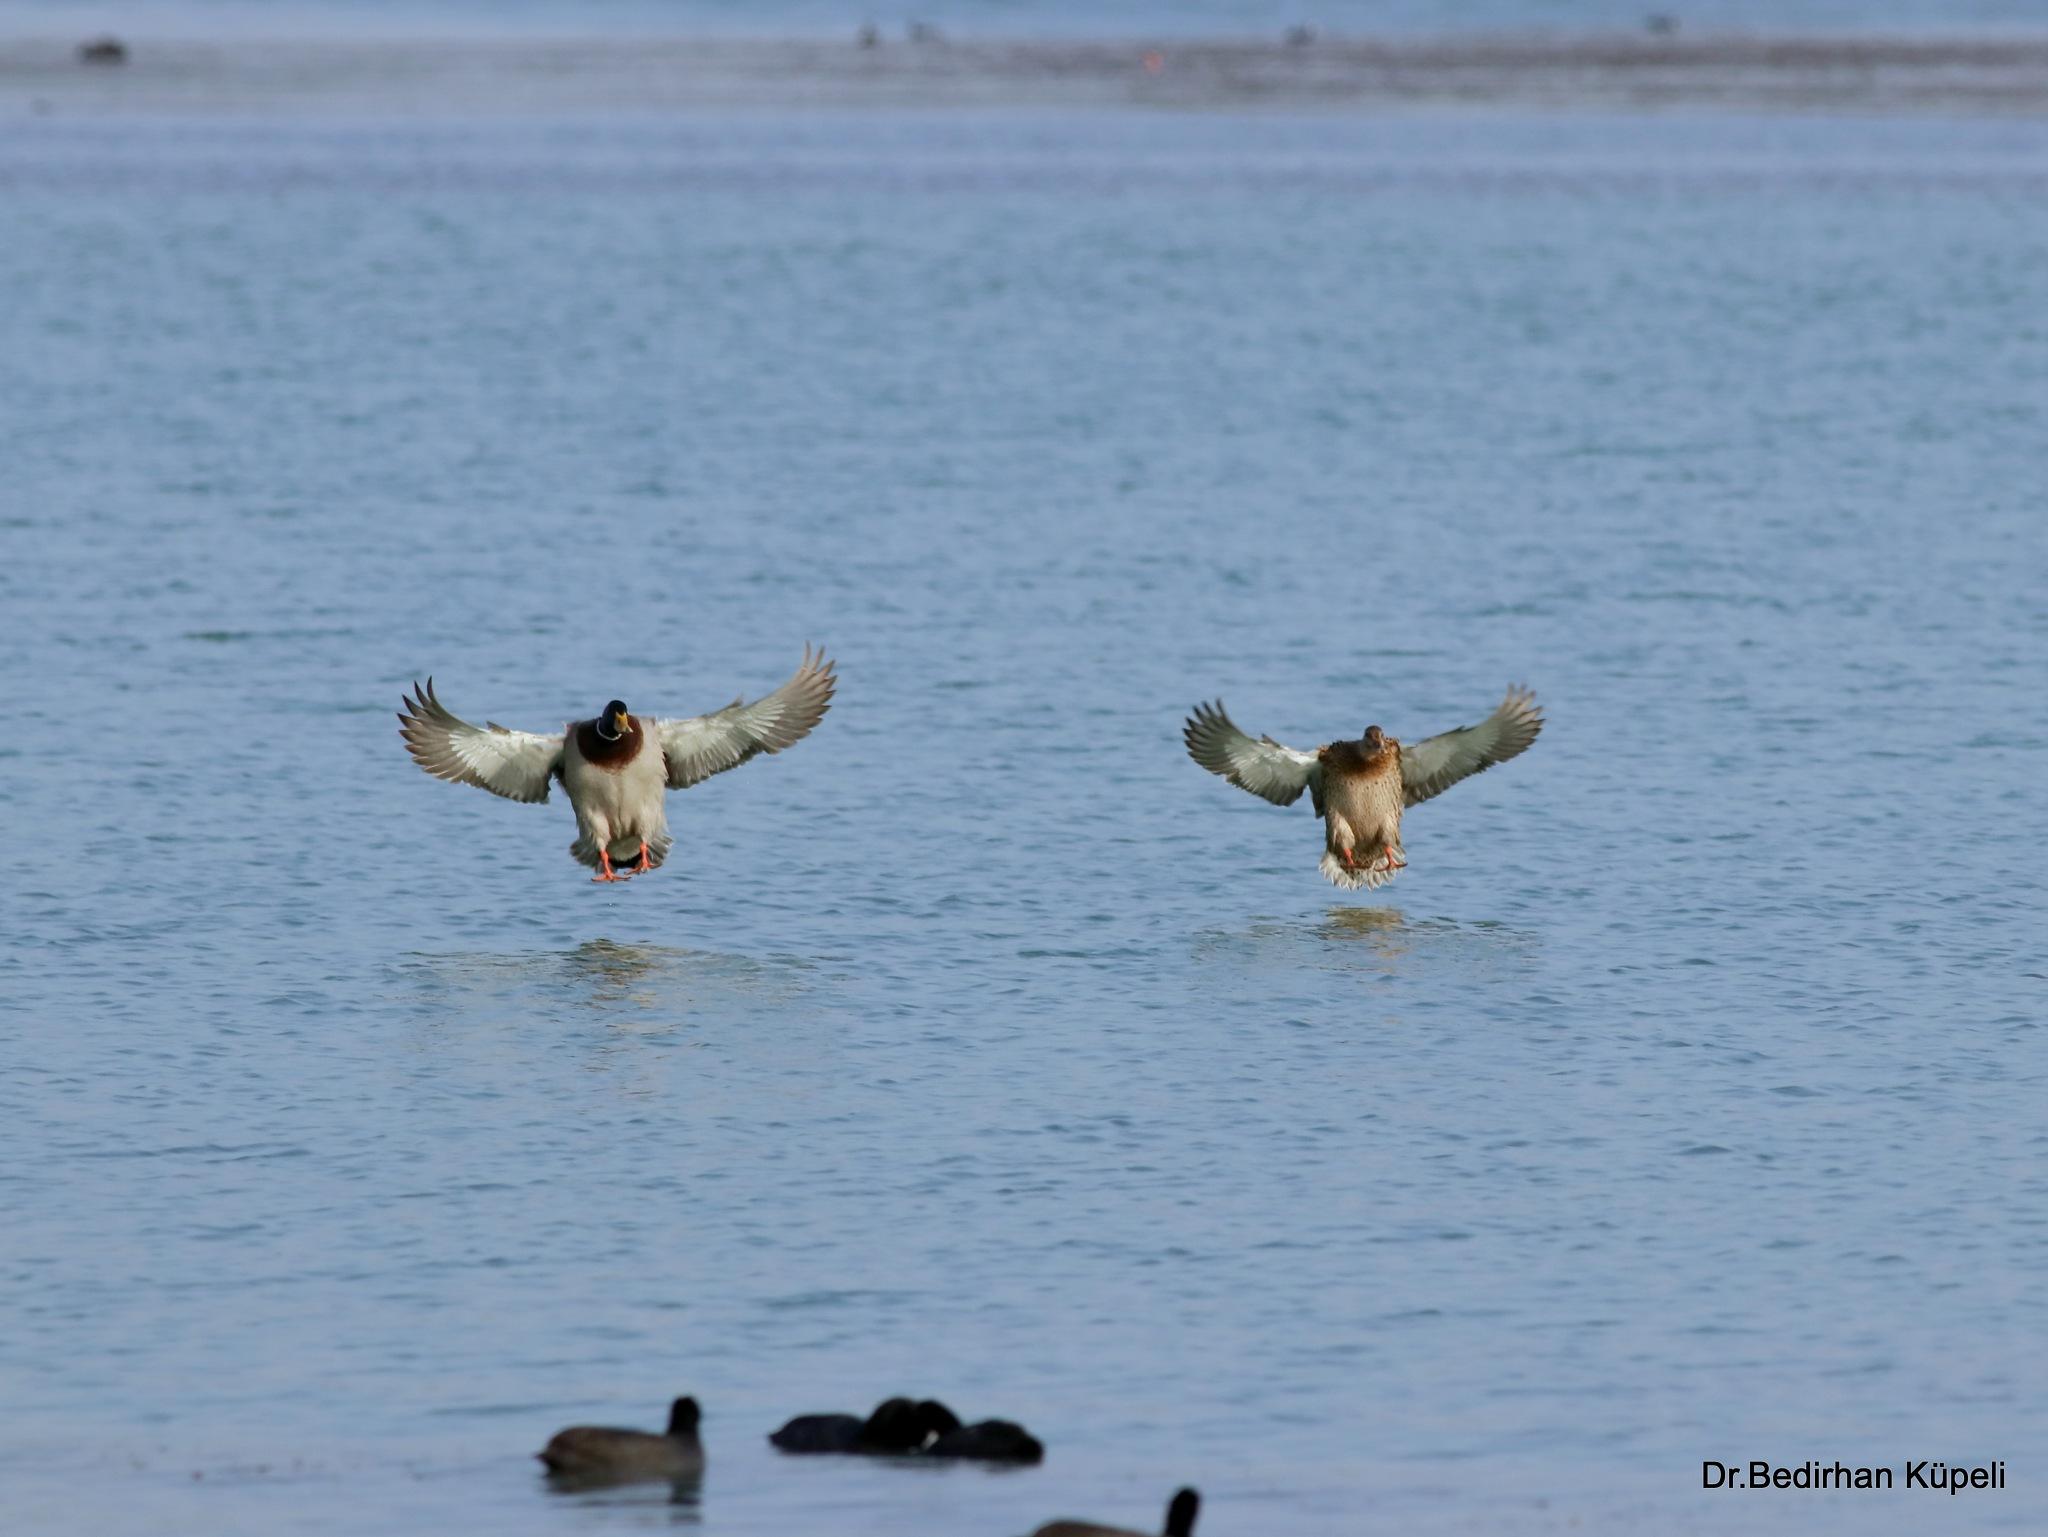 9164...Double Landing... (Mallard)(male and female) by Bedirhan Küpeli